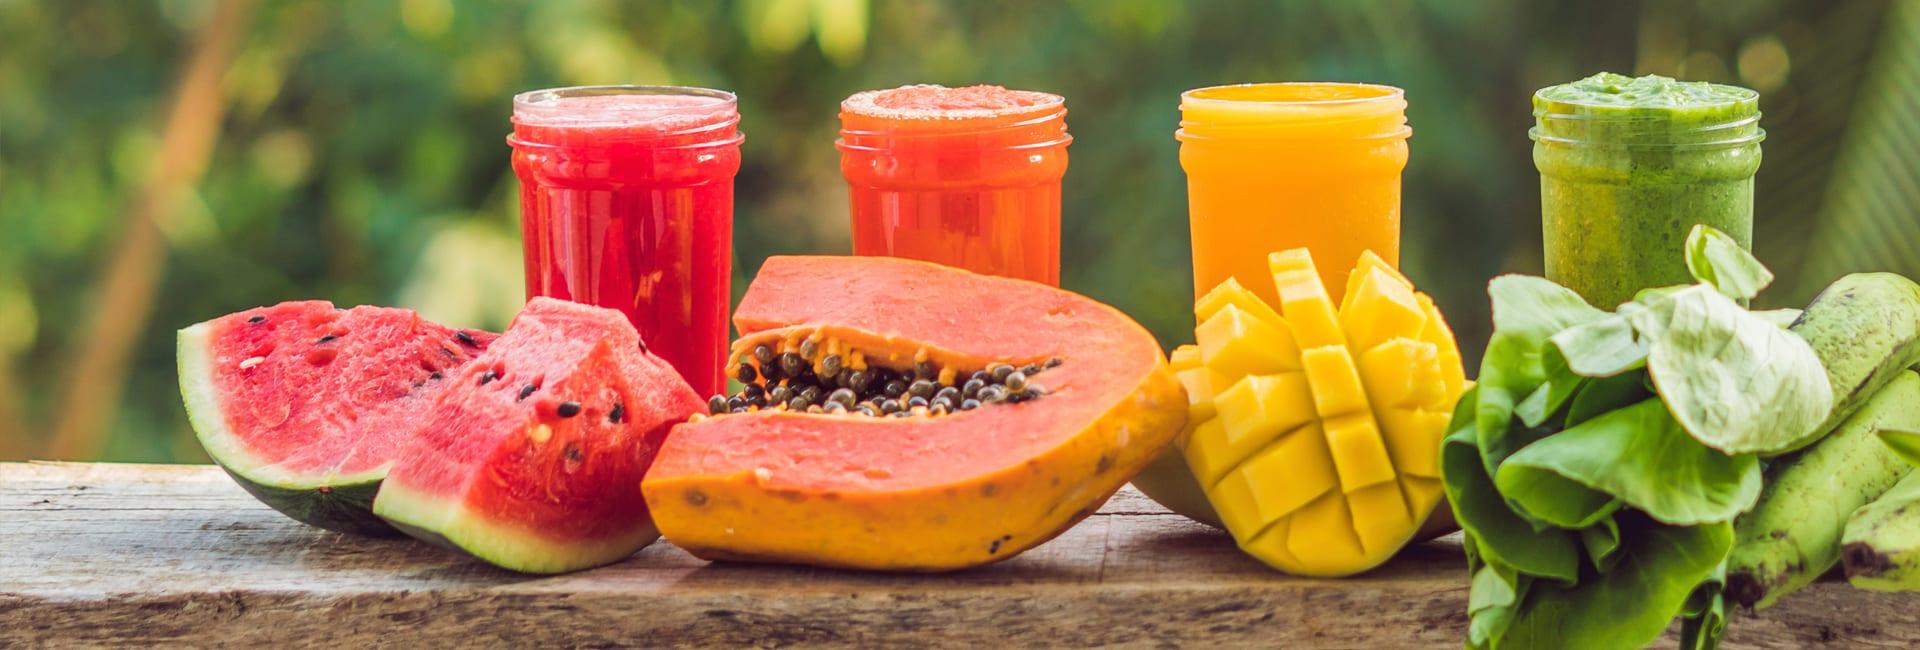 3 Súper Batidos: Antioxidante, Energía y Deportistas